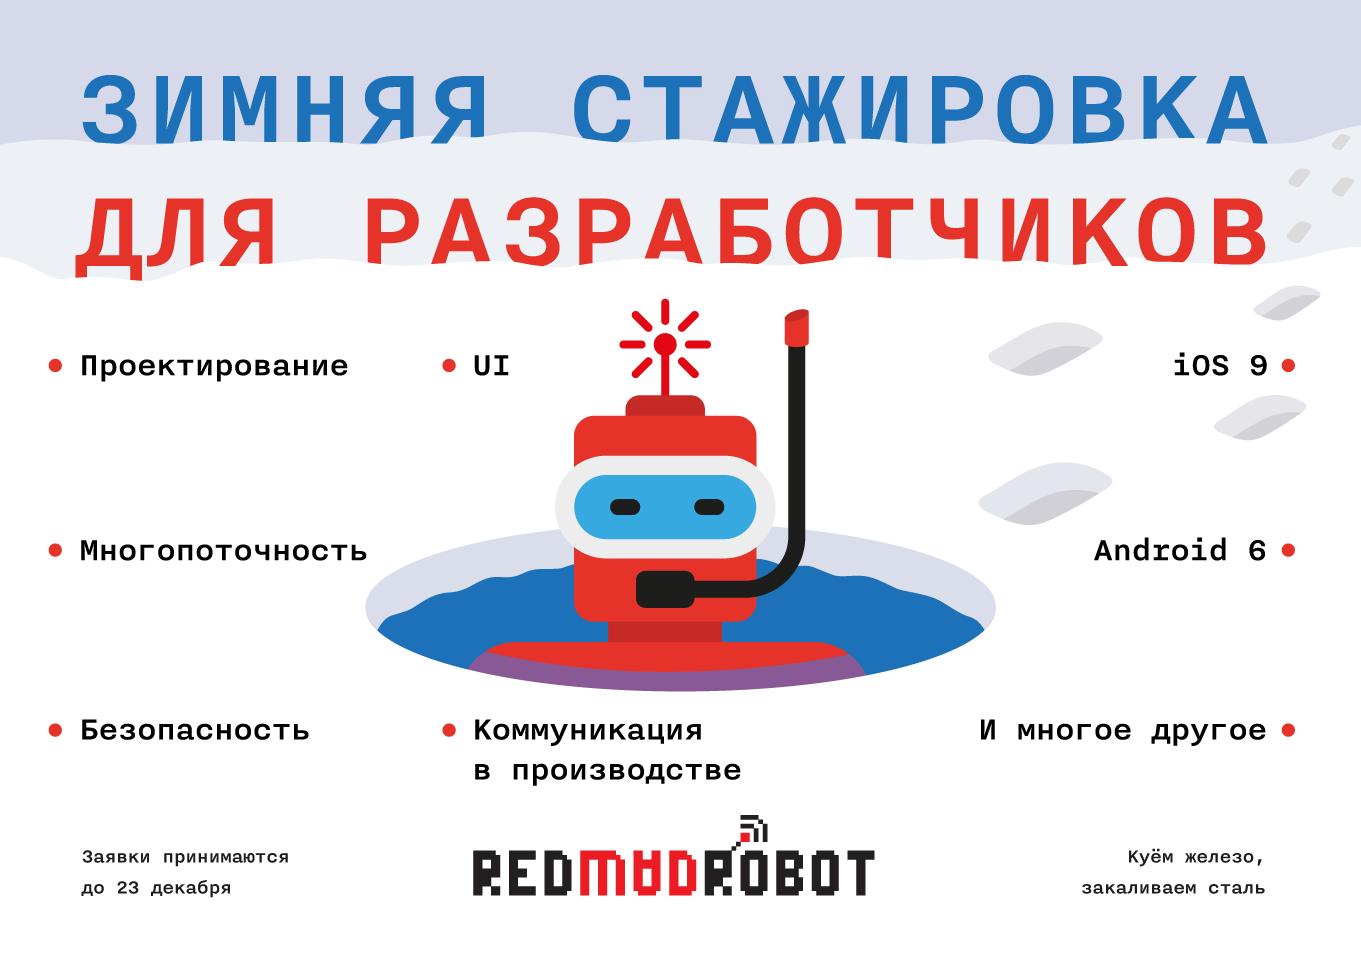 Зимняя стажировка для разработчиков в Redmadrobot